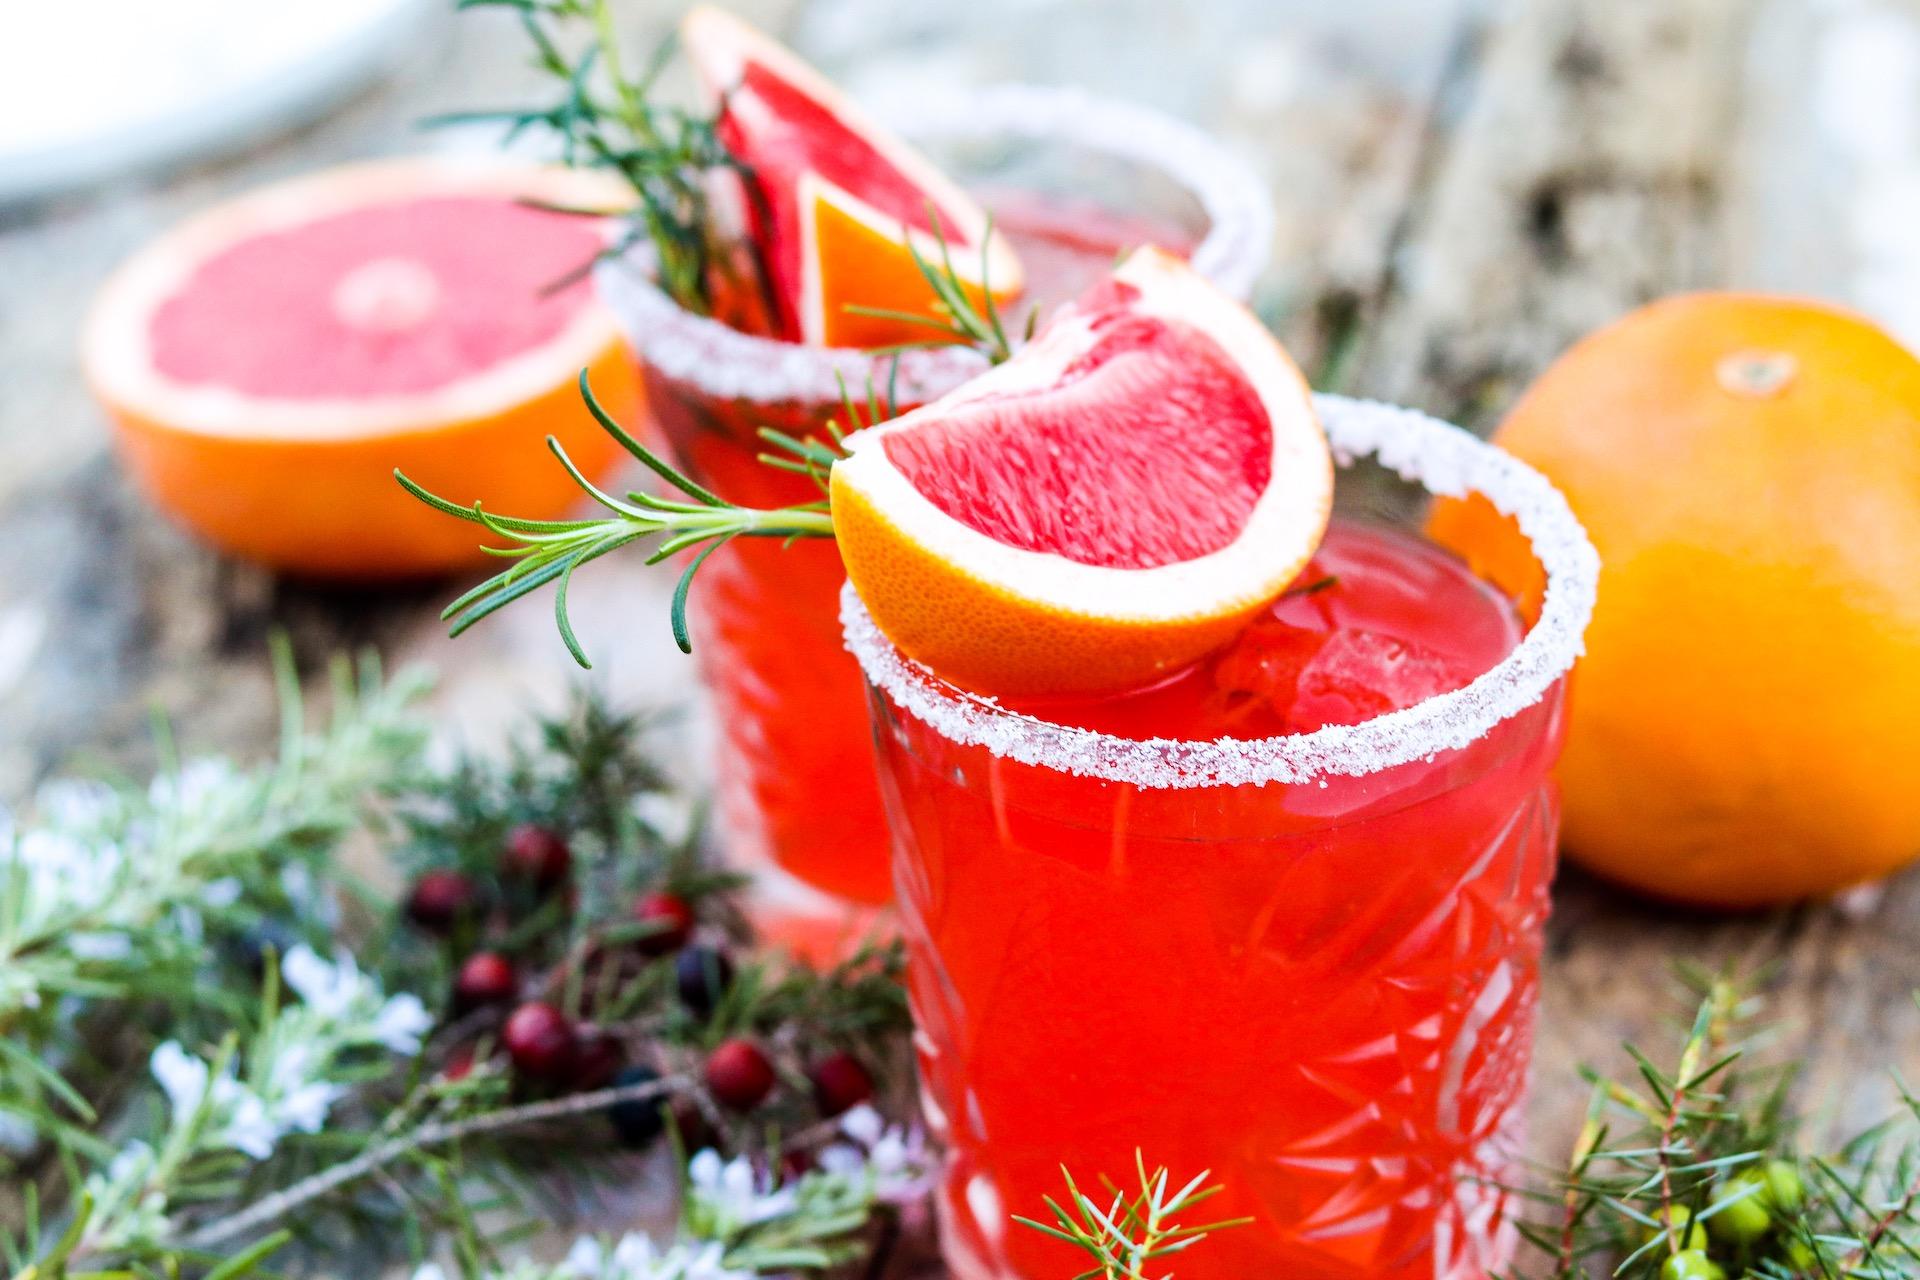 Festlicher Aperitif mit Gin und Grapefruit. Perfekt für die Adventszeit und Weihnachten.